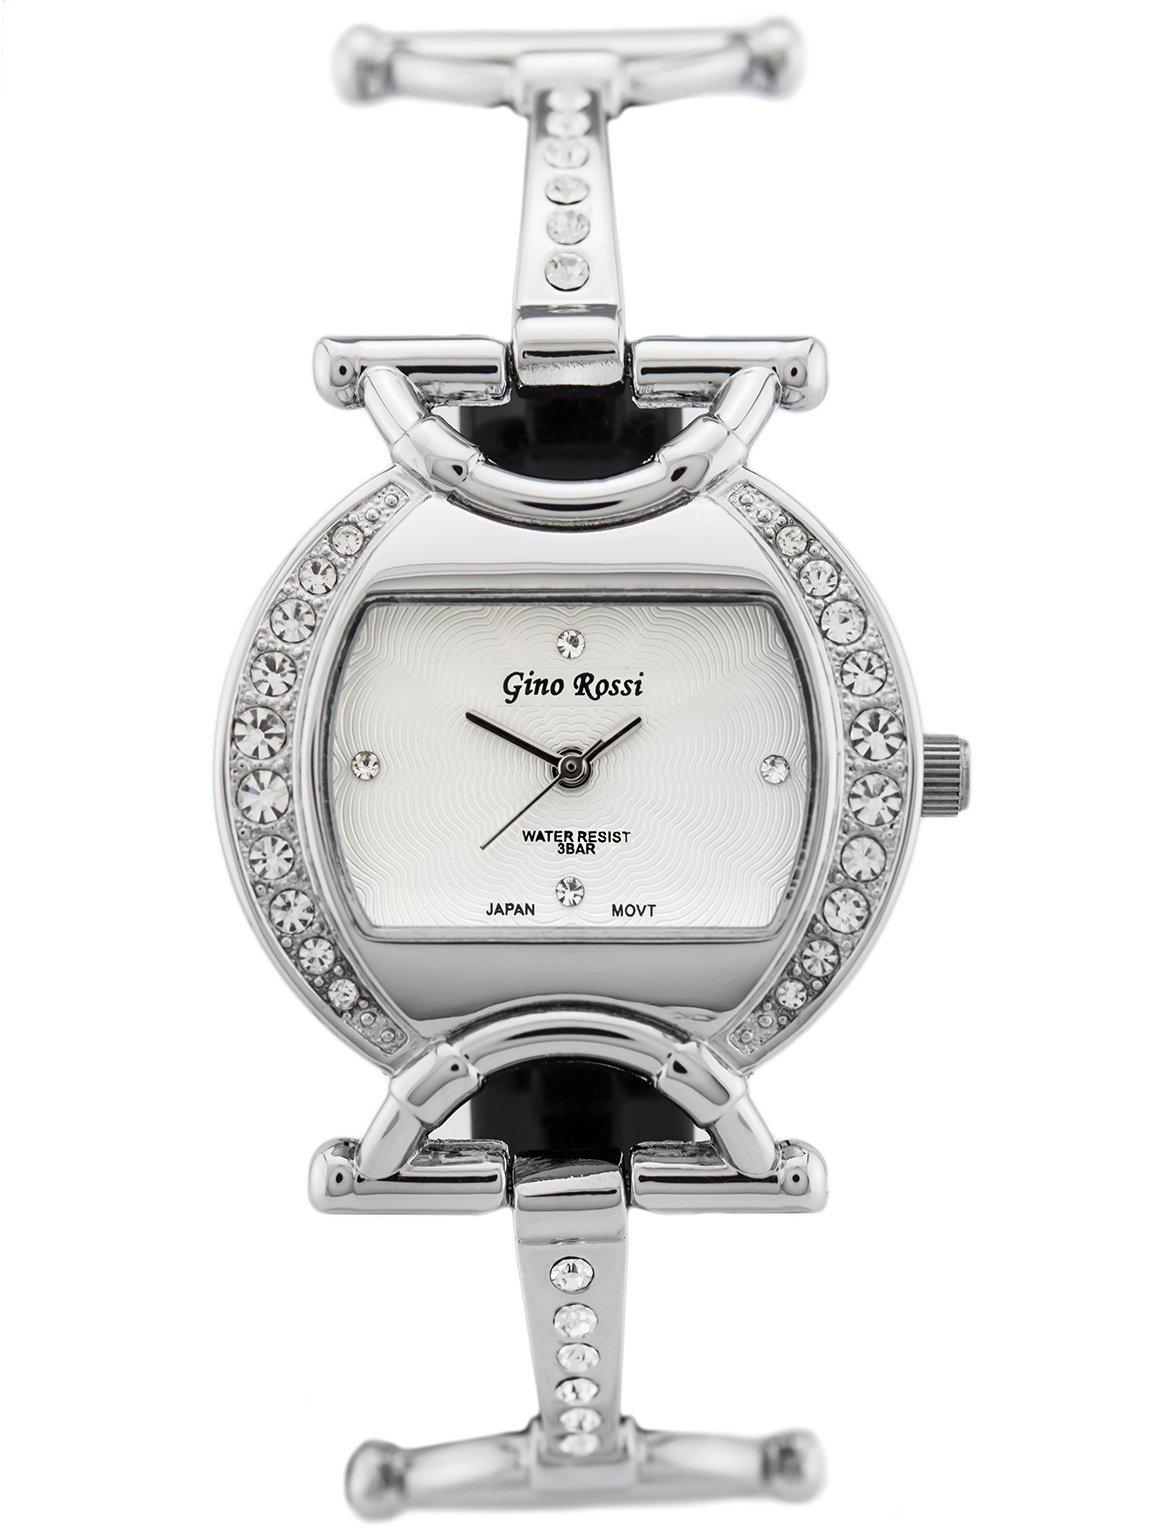 697debd10de60 Zegarek damski GINO ROSSI 8522 7SS 79,00 zł cena tanio najtaniej ...